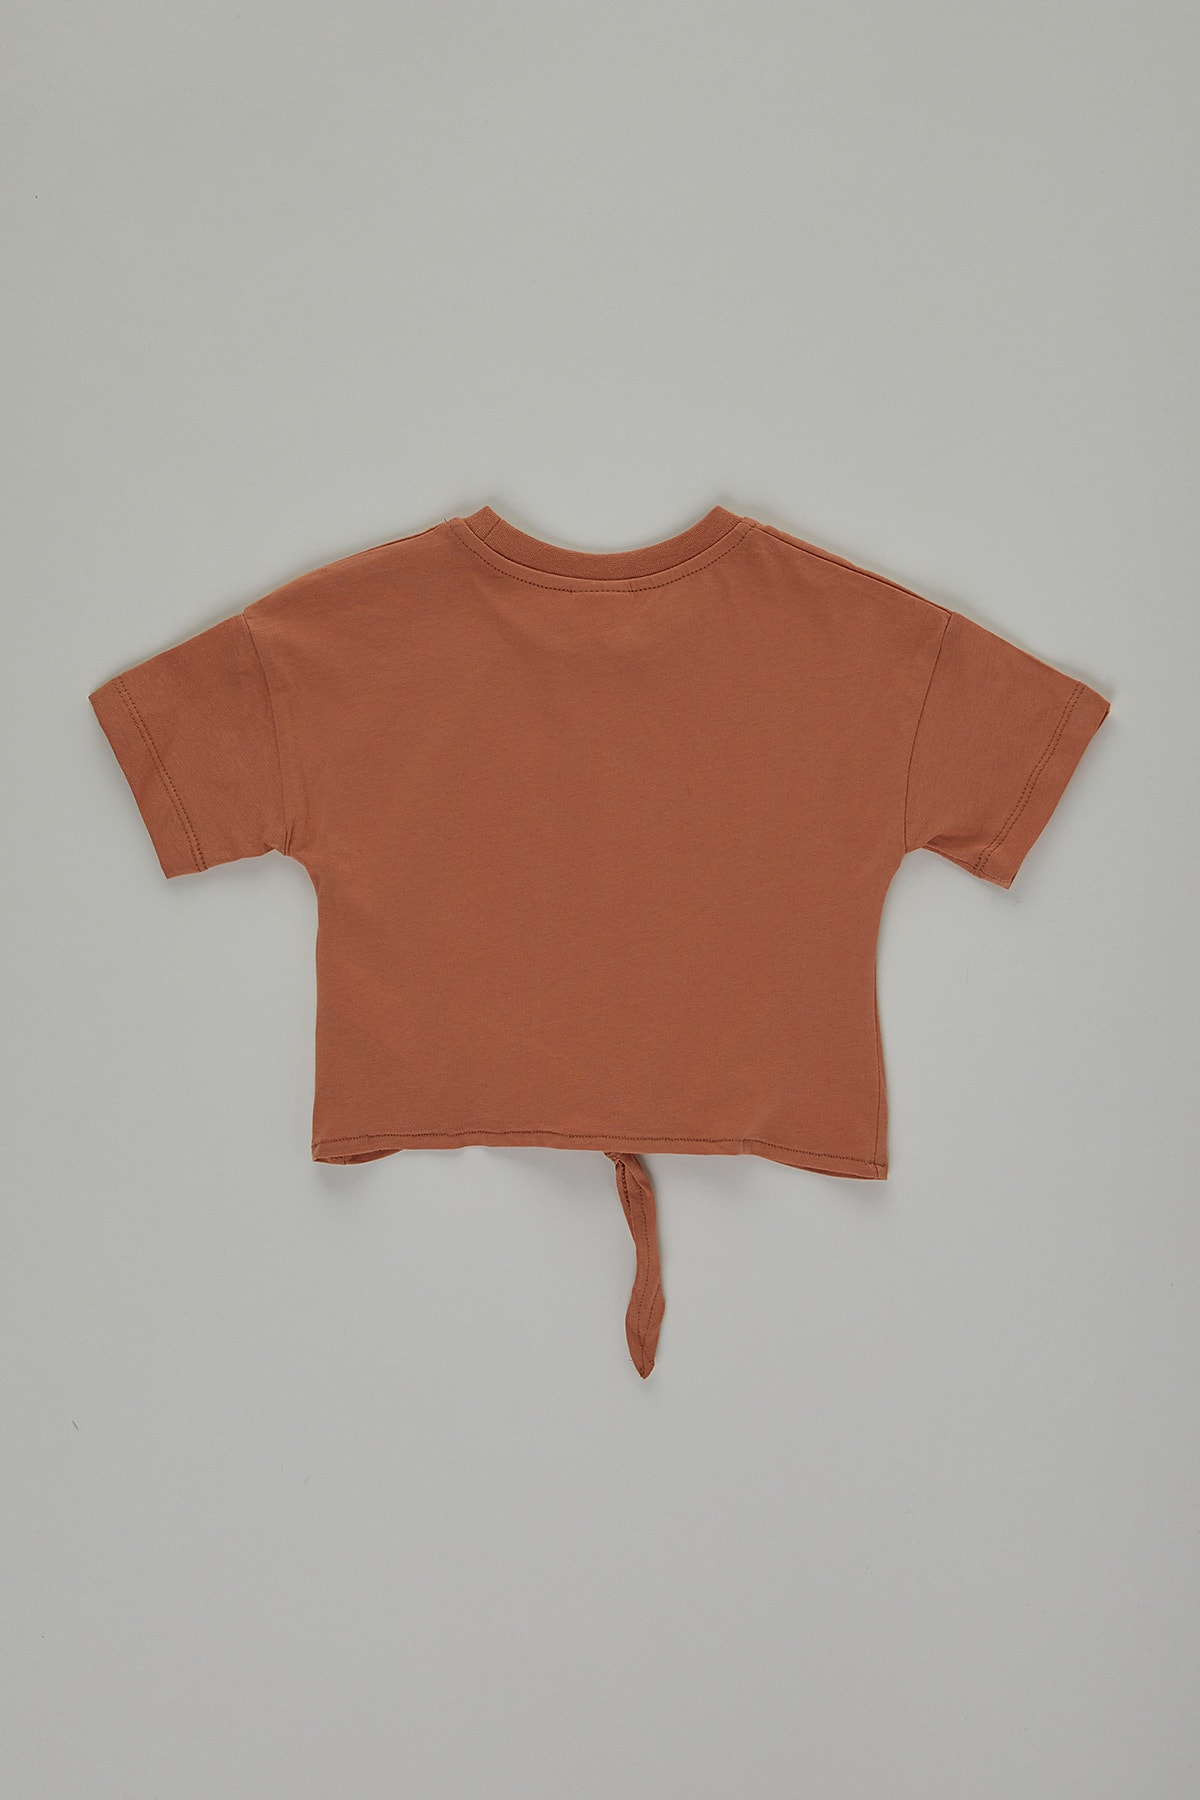 PAULMARK Kız Çocuk Turuncu Bağlama Detaylı T-shirt